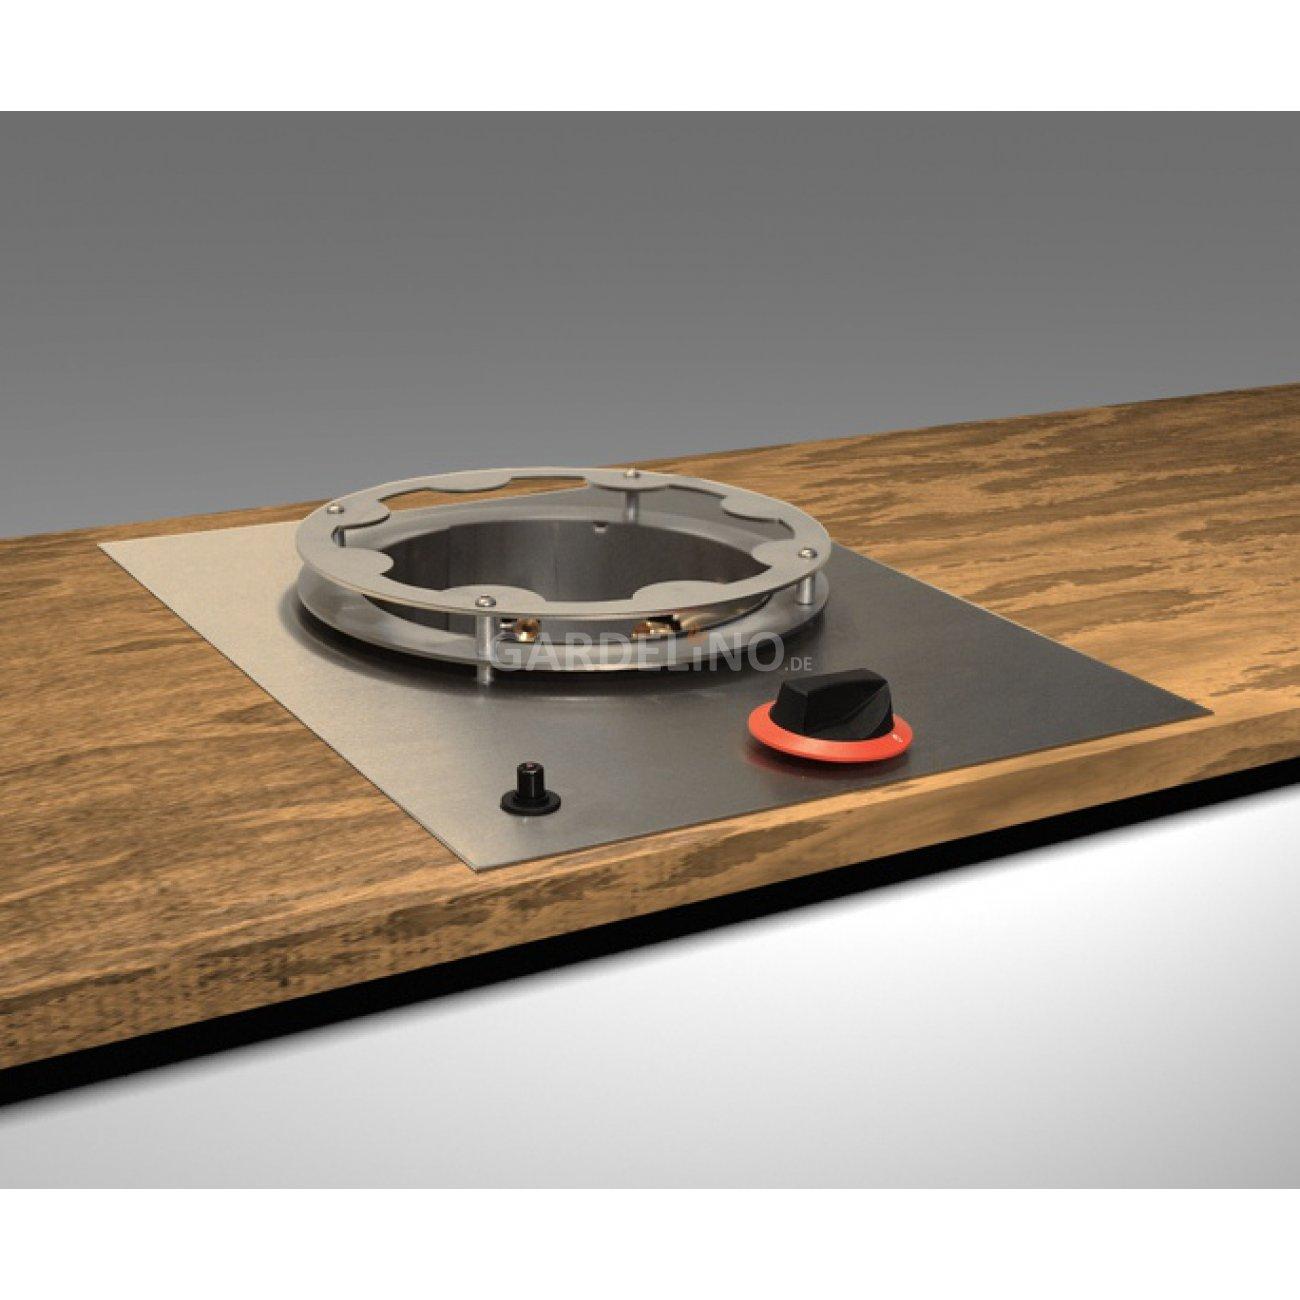 hochleitungs wok zum einbauen in eine outdoork che vor. Black Bedroom Furniture Sets. Home Design Ideas